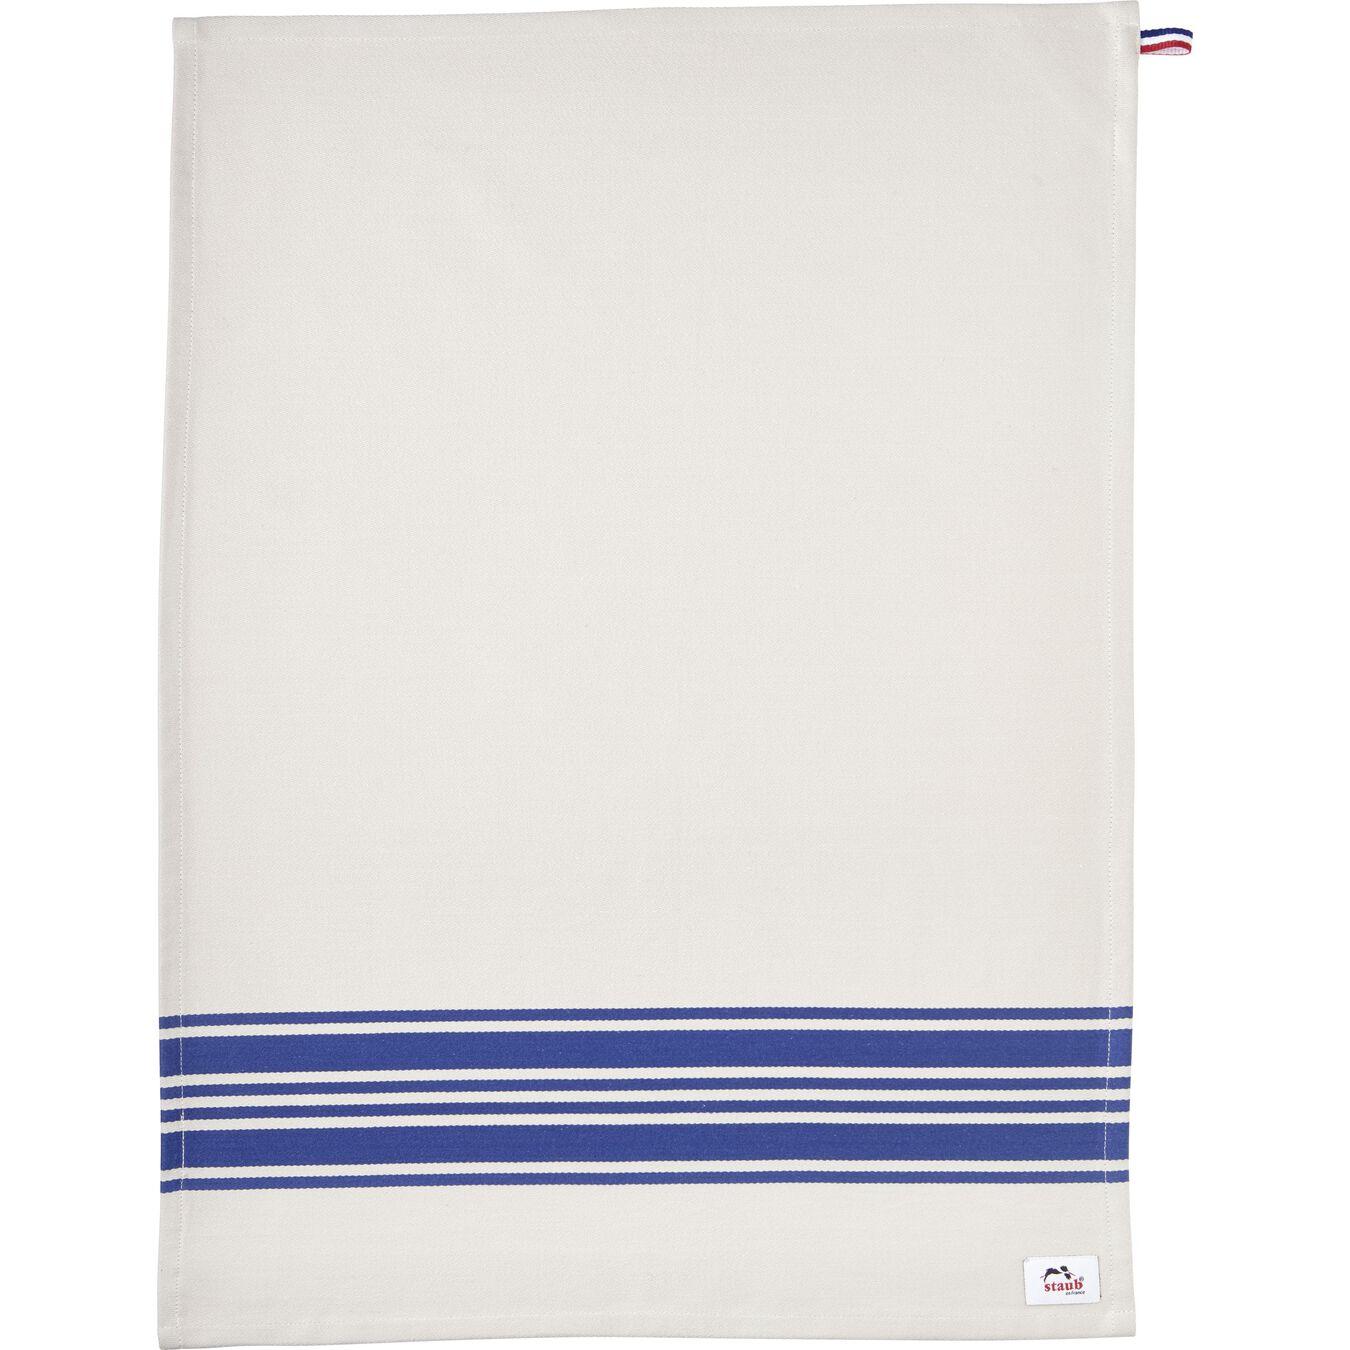 70 cm x 50 cm Cotton Kitchen towel, blue,,large 6